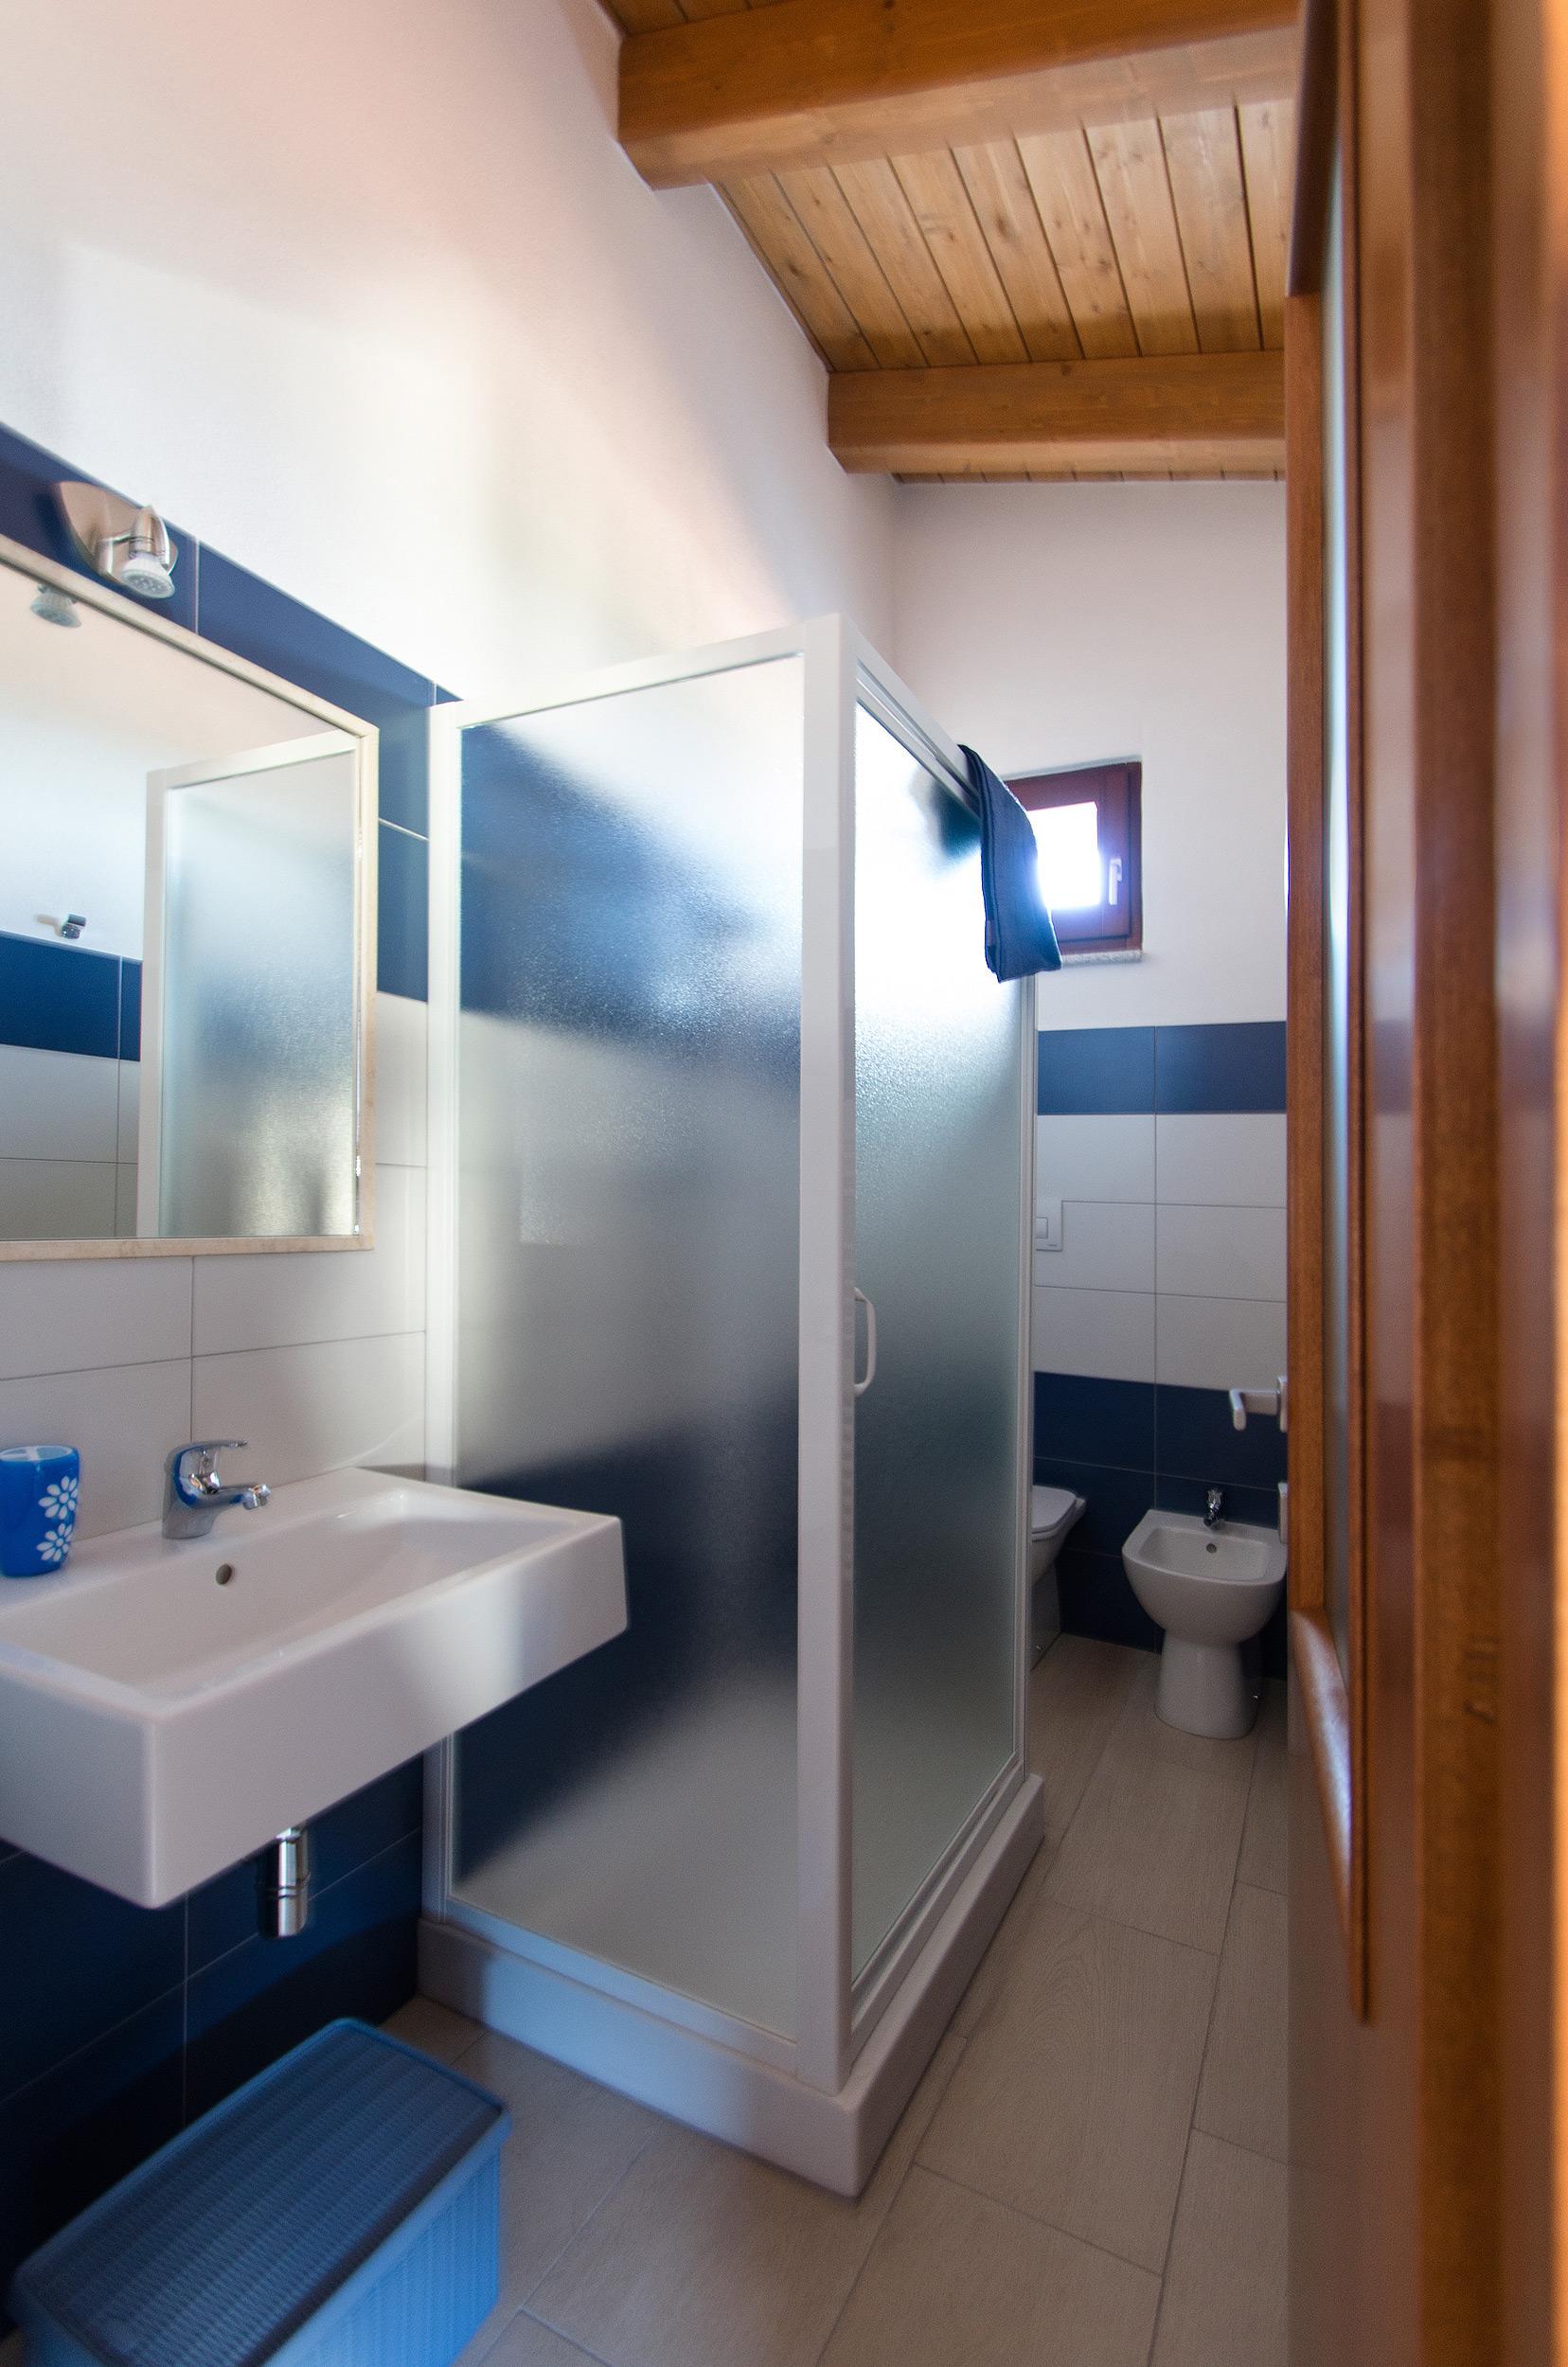 la stanza Blu - il bagno